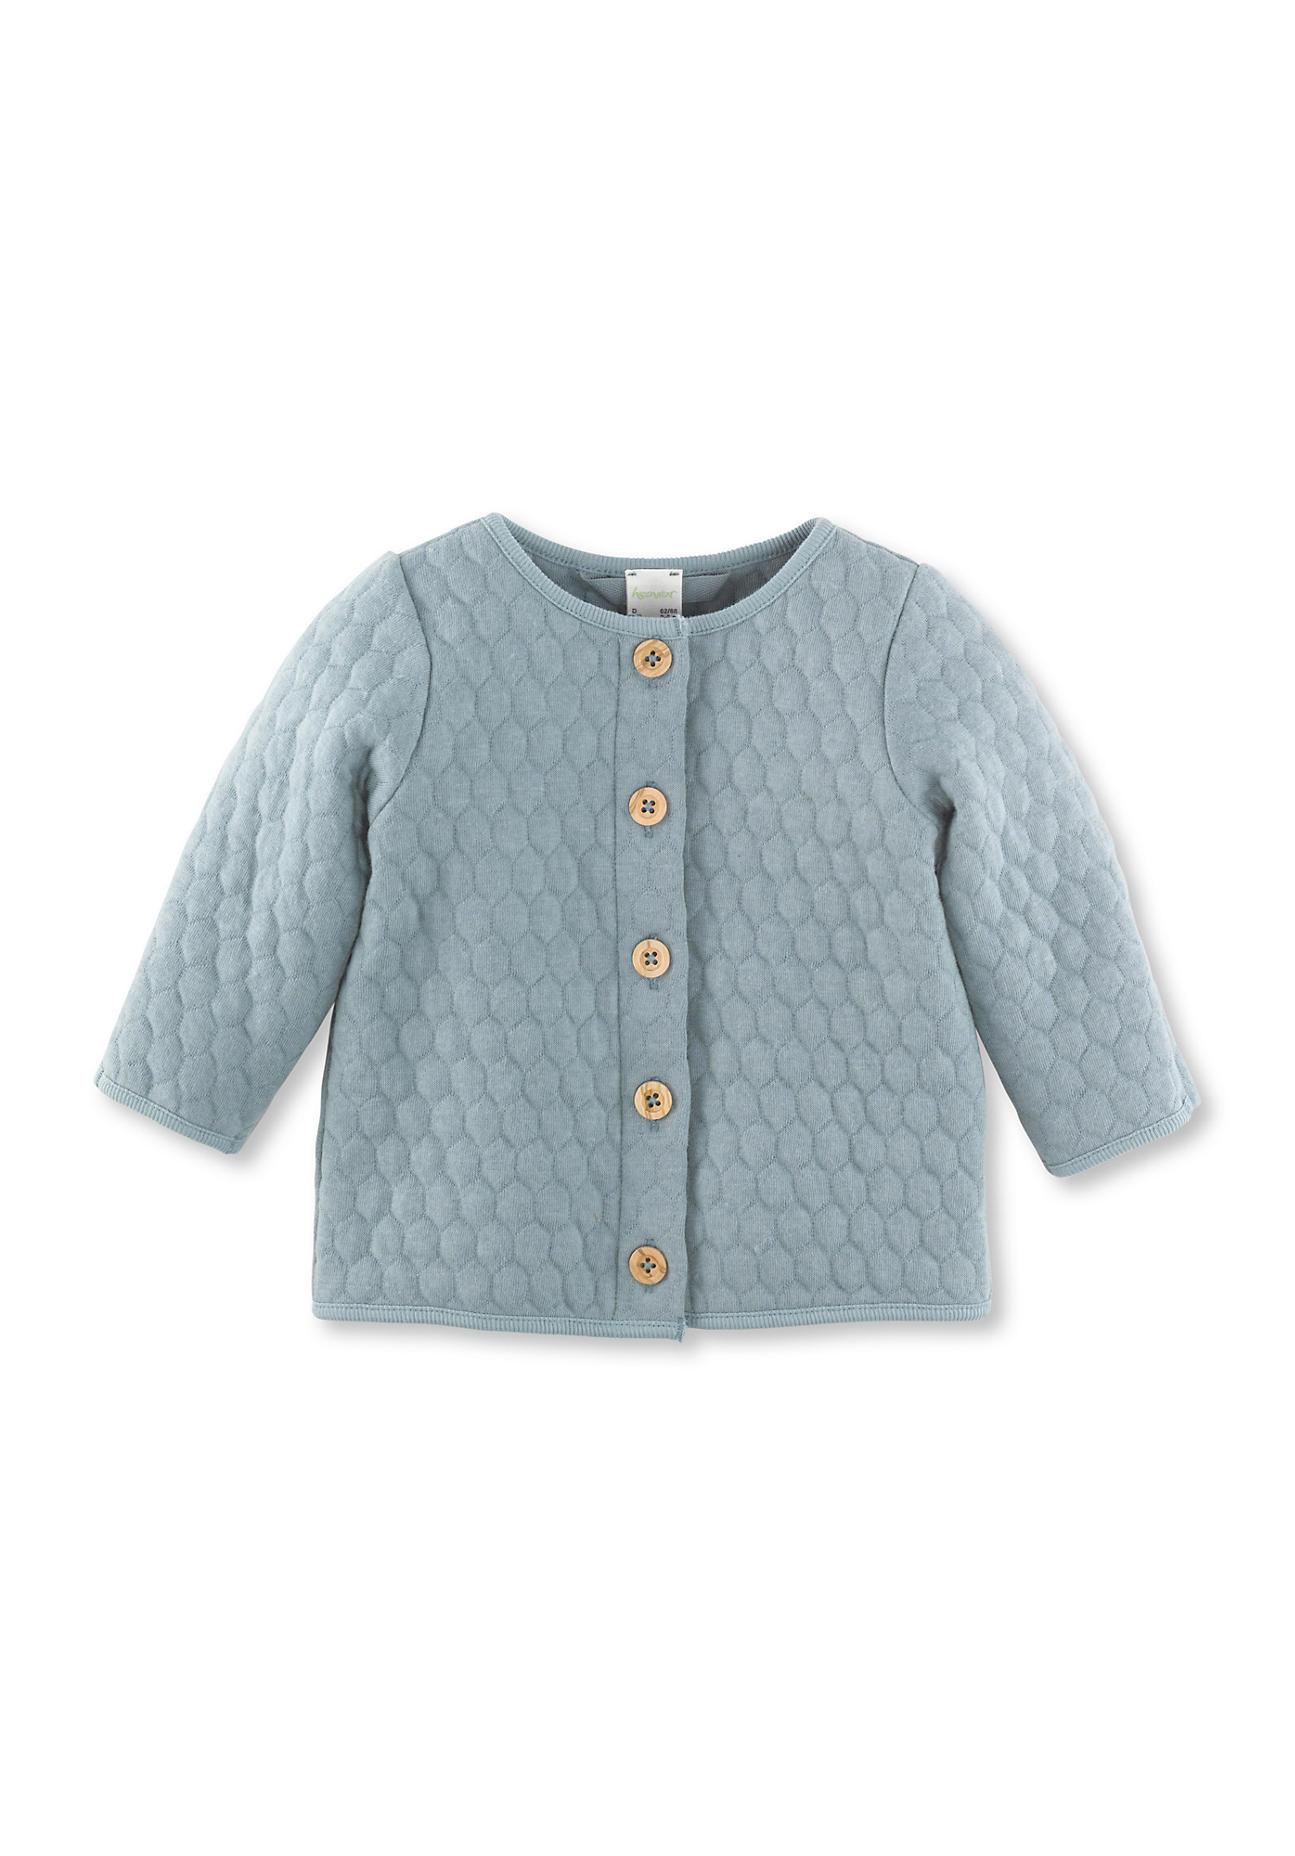 hessnatur Baby Wattierte Jacke aus Bio-Baumwolle mit Bio-Schurwolle – blau – Größe 86/92